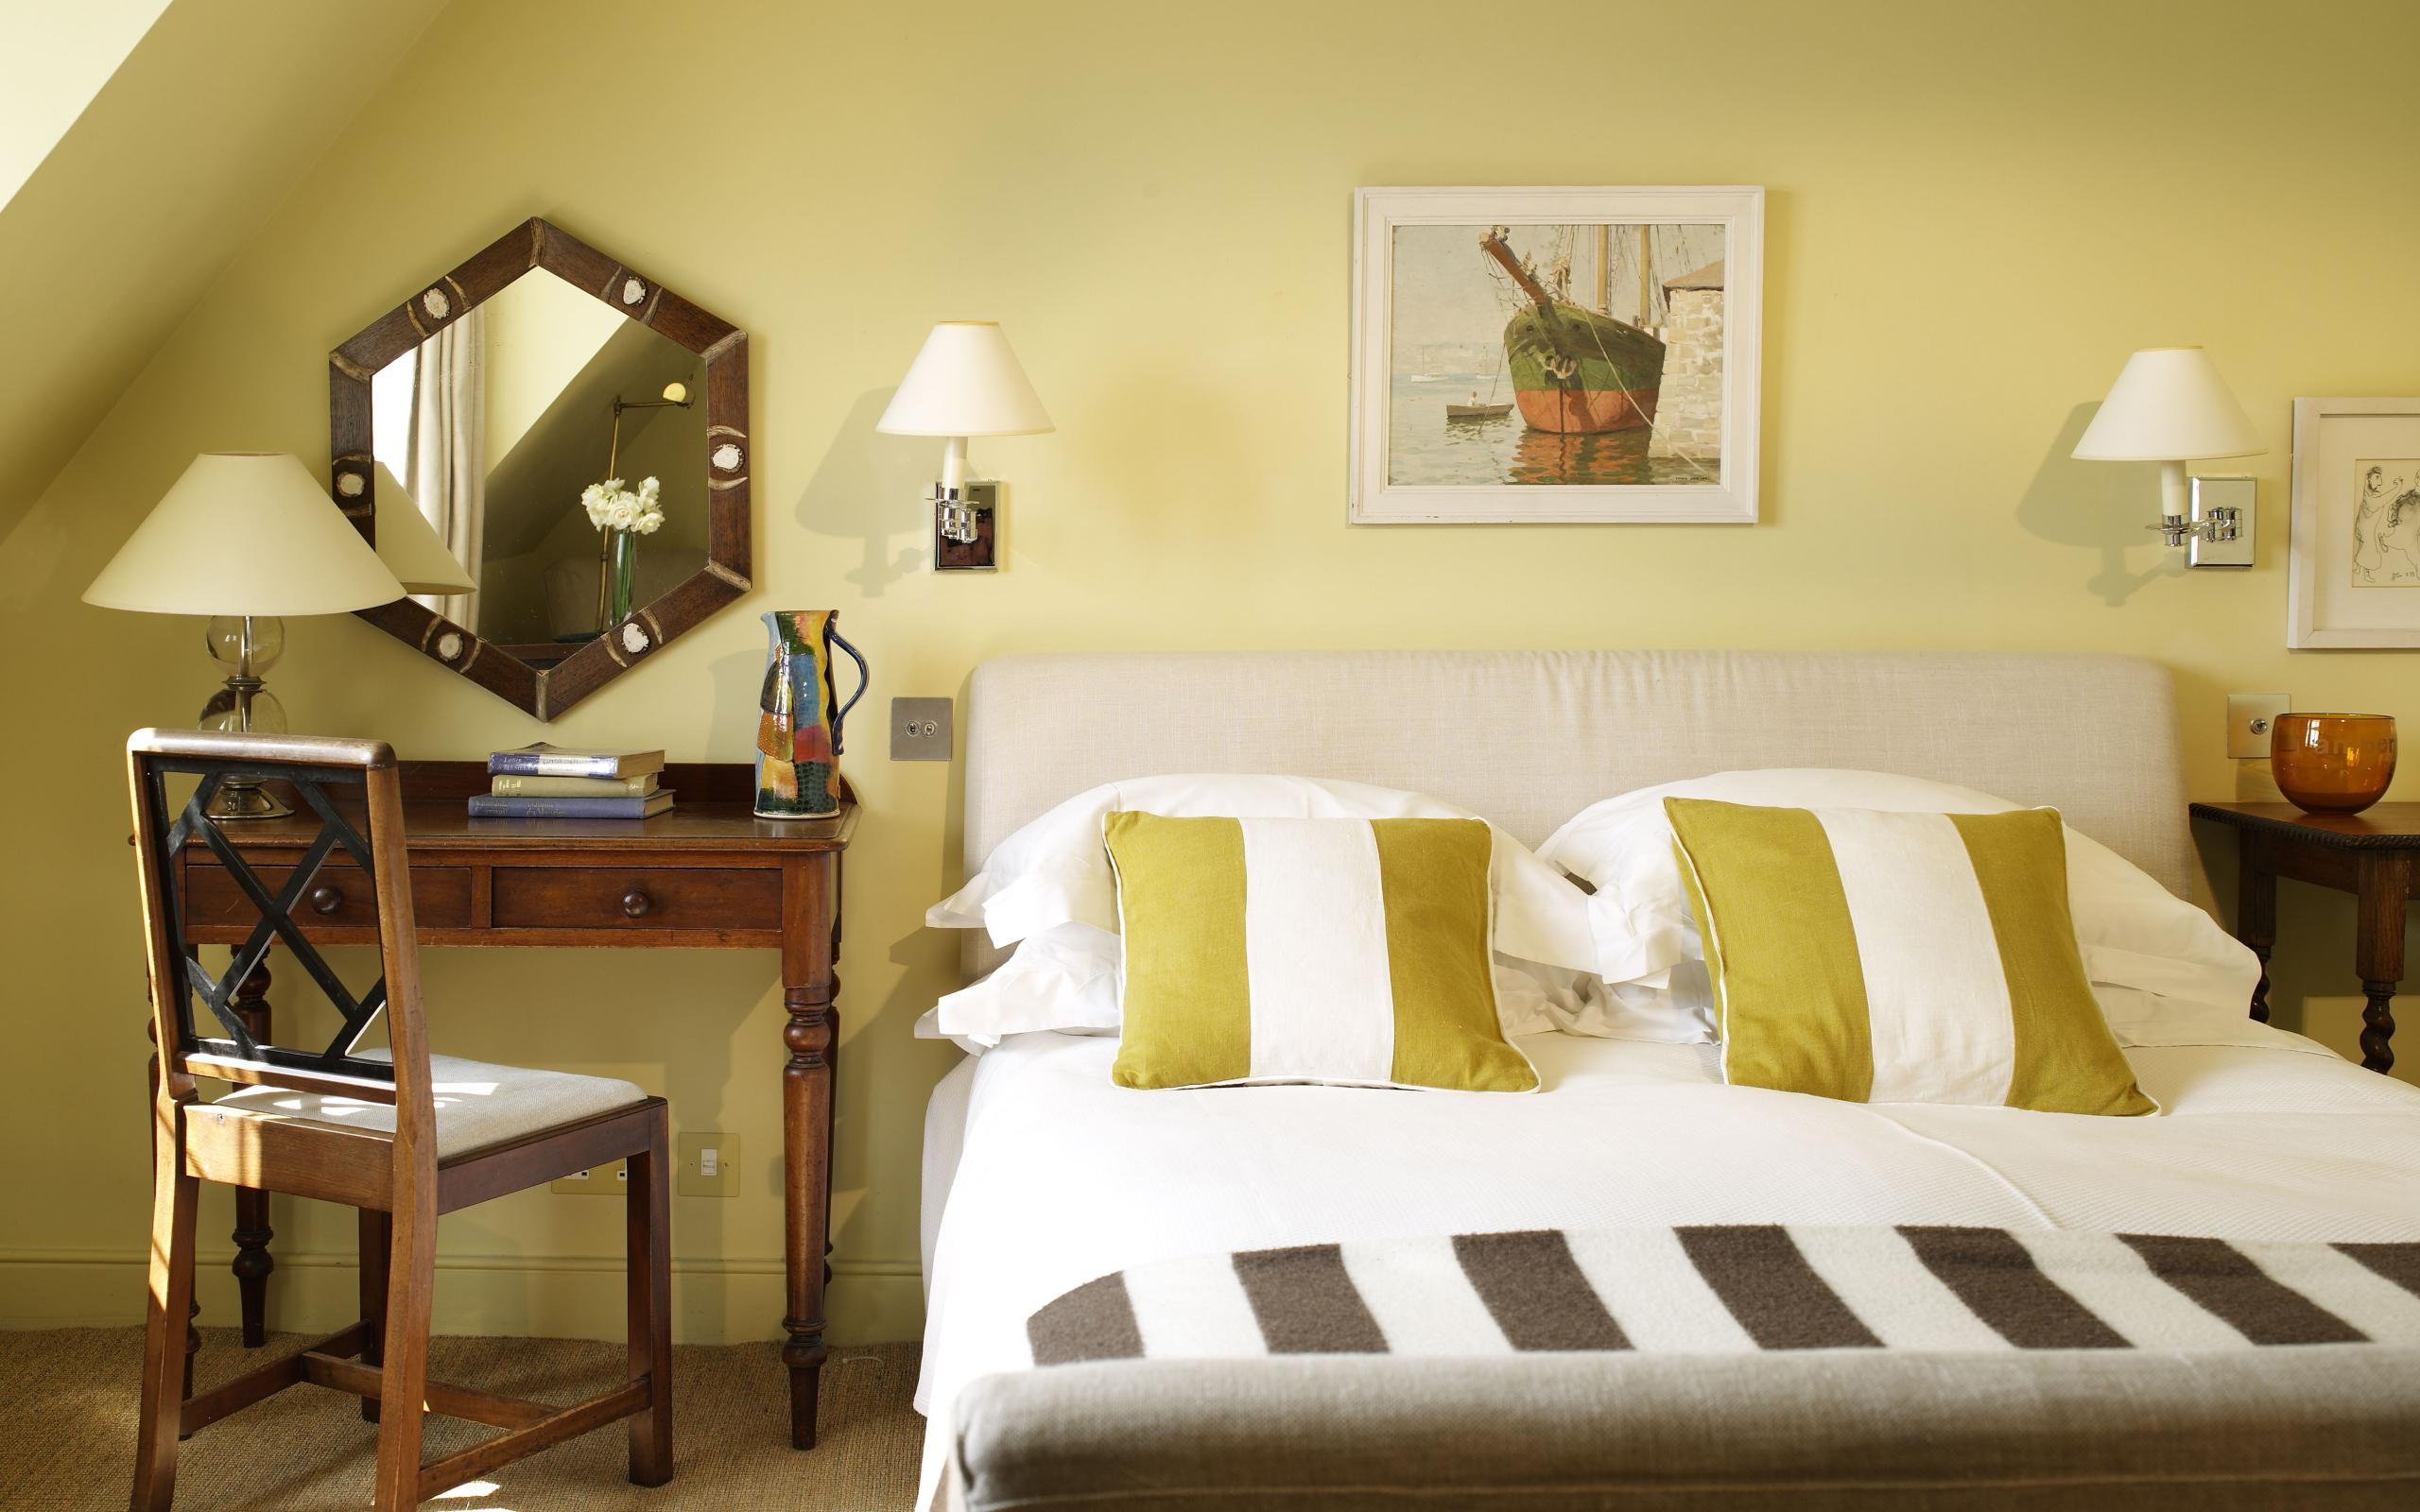 комната кровать  № 3539759 загрузить